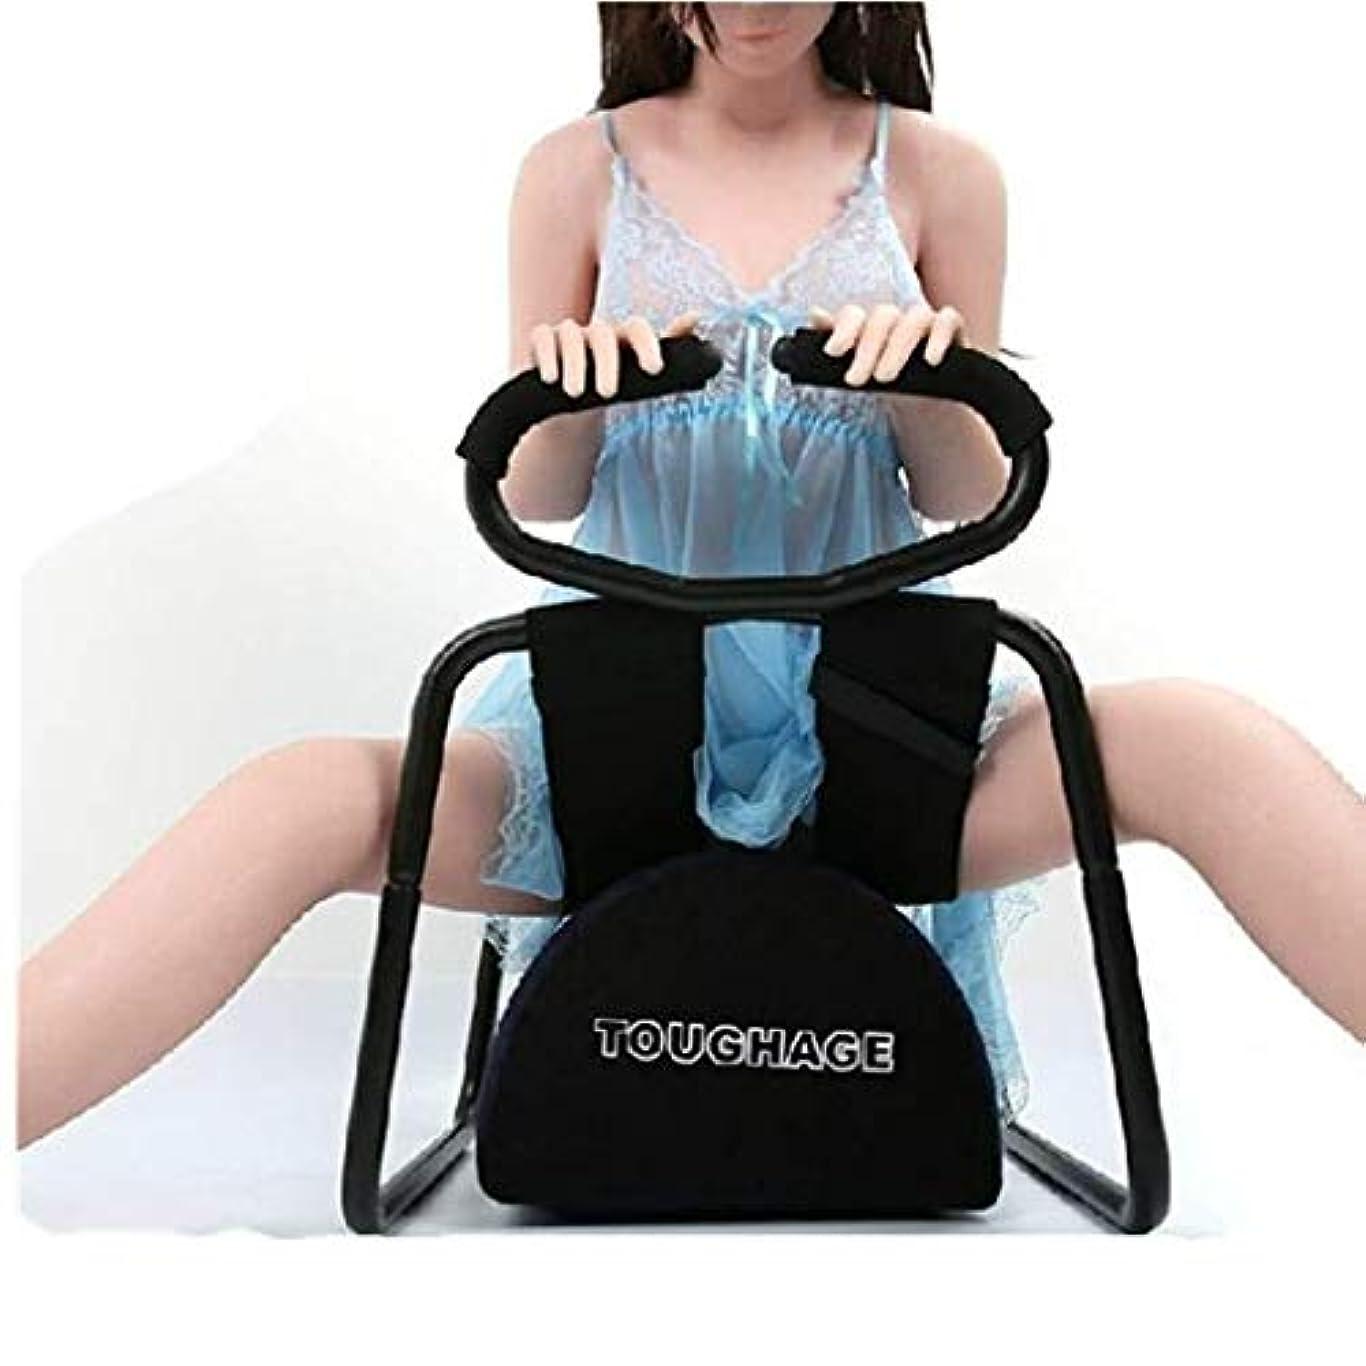 動かす象クラッシュRisareyi 多機能椅子、寝室の折りたたみ椅子、浴室の椅子、カップルのためのセクシーな椅子、シリンダー支え枕